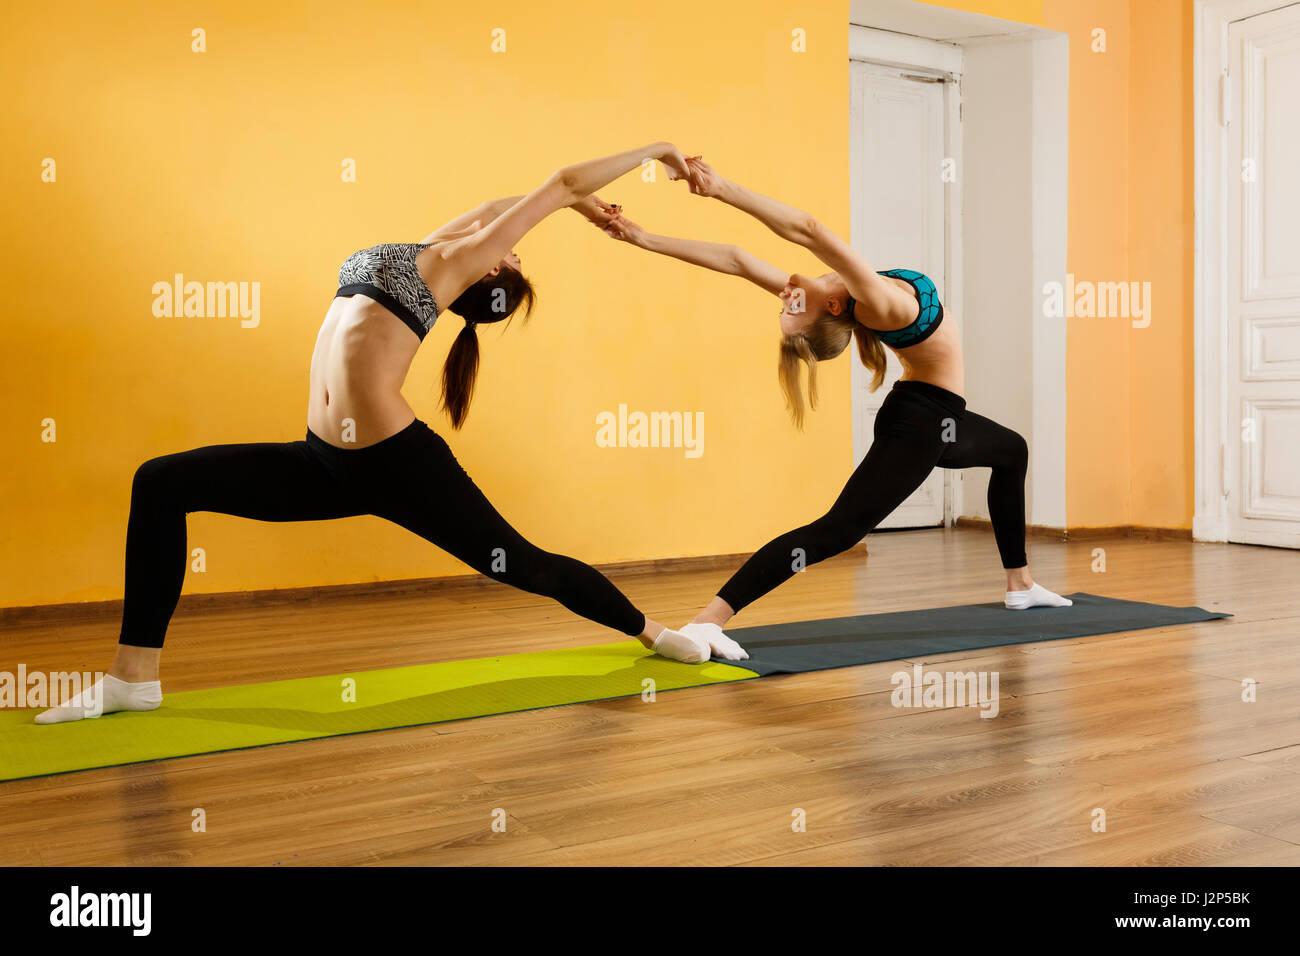 Zwei Athleten tun stretching-Übungen Stockbild